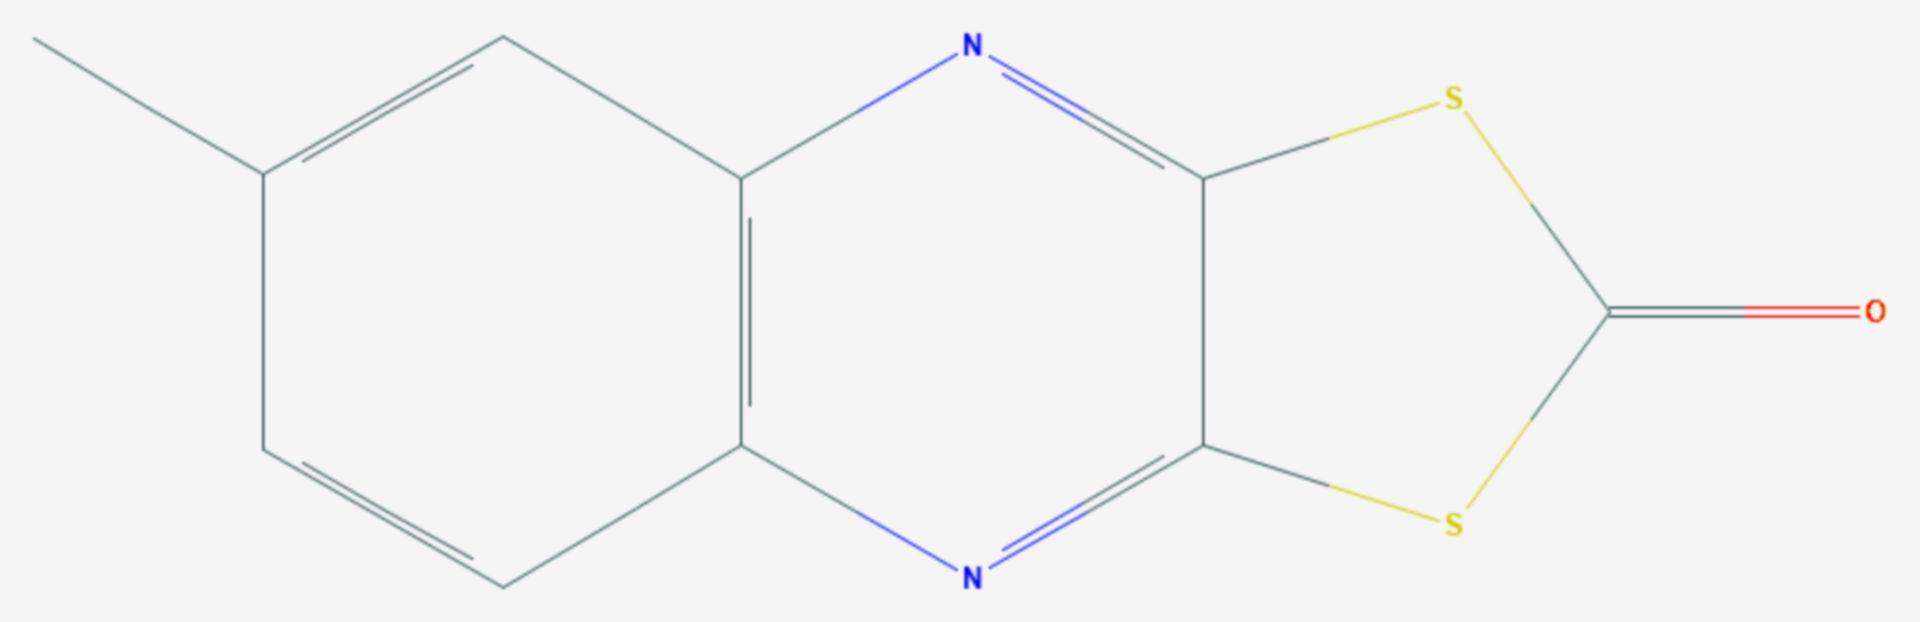 Chinomethionat (Strukturformel)